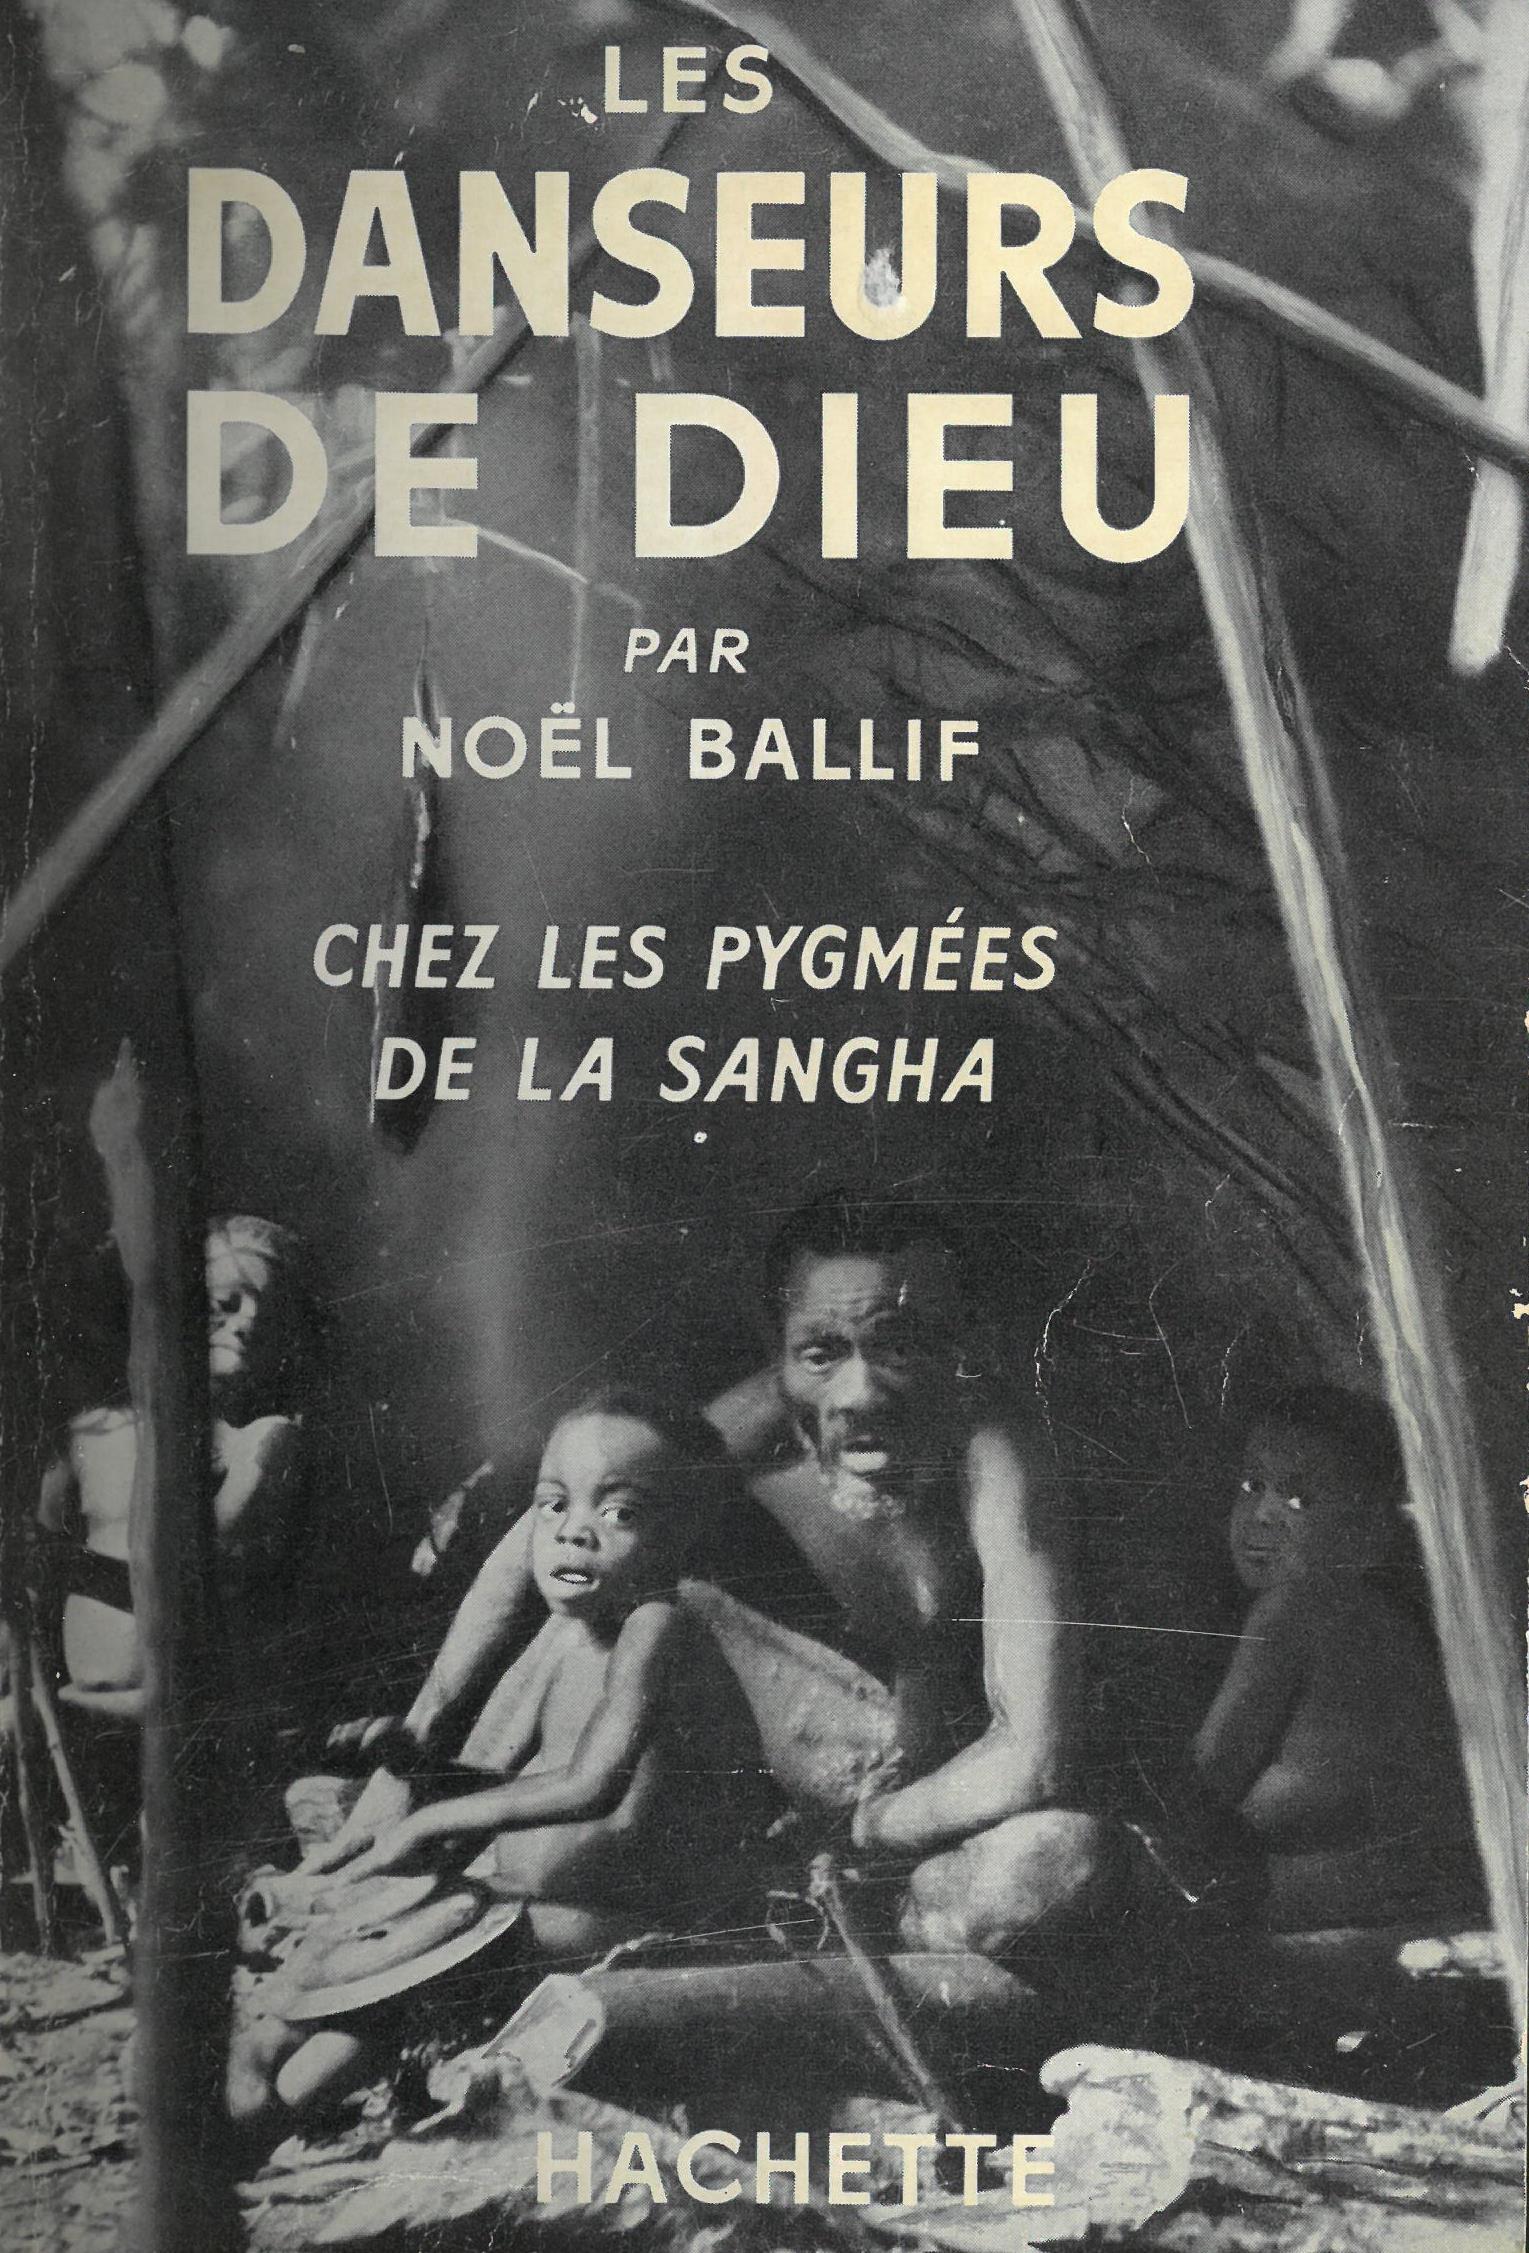 Les danseurs de Dieu : chez les pygmées de la Sangha   Noel Ballif